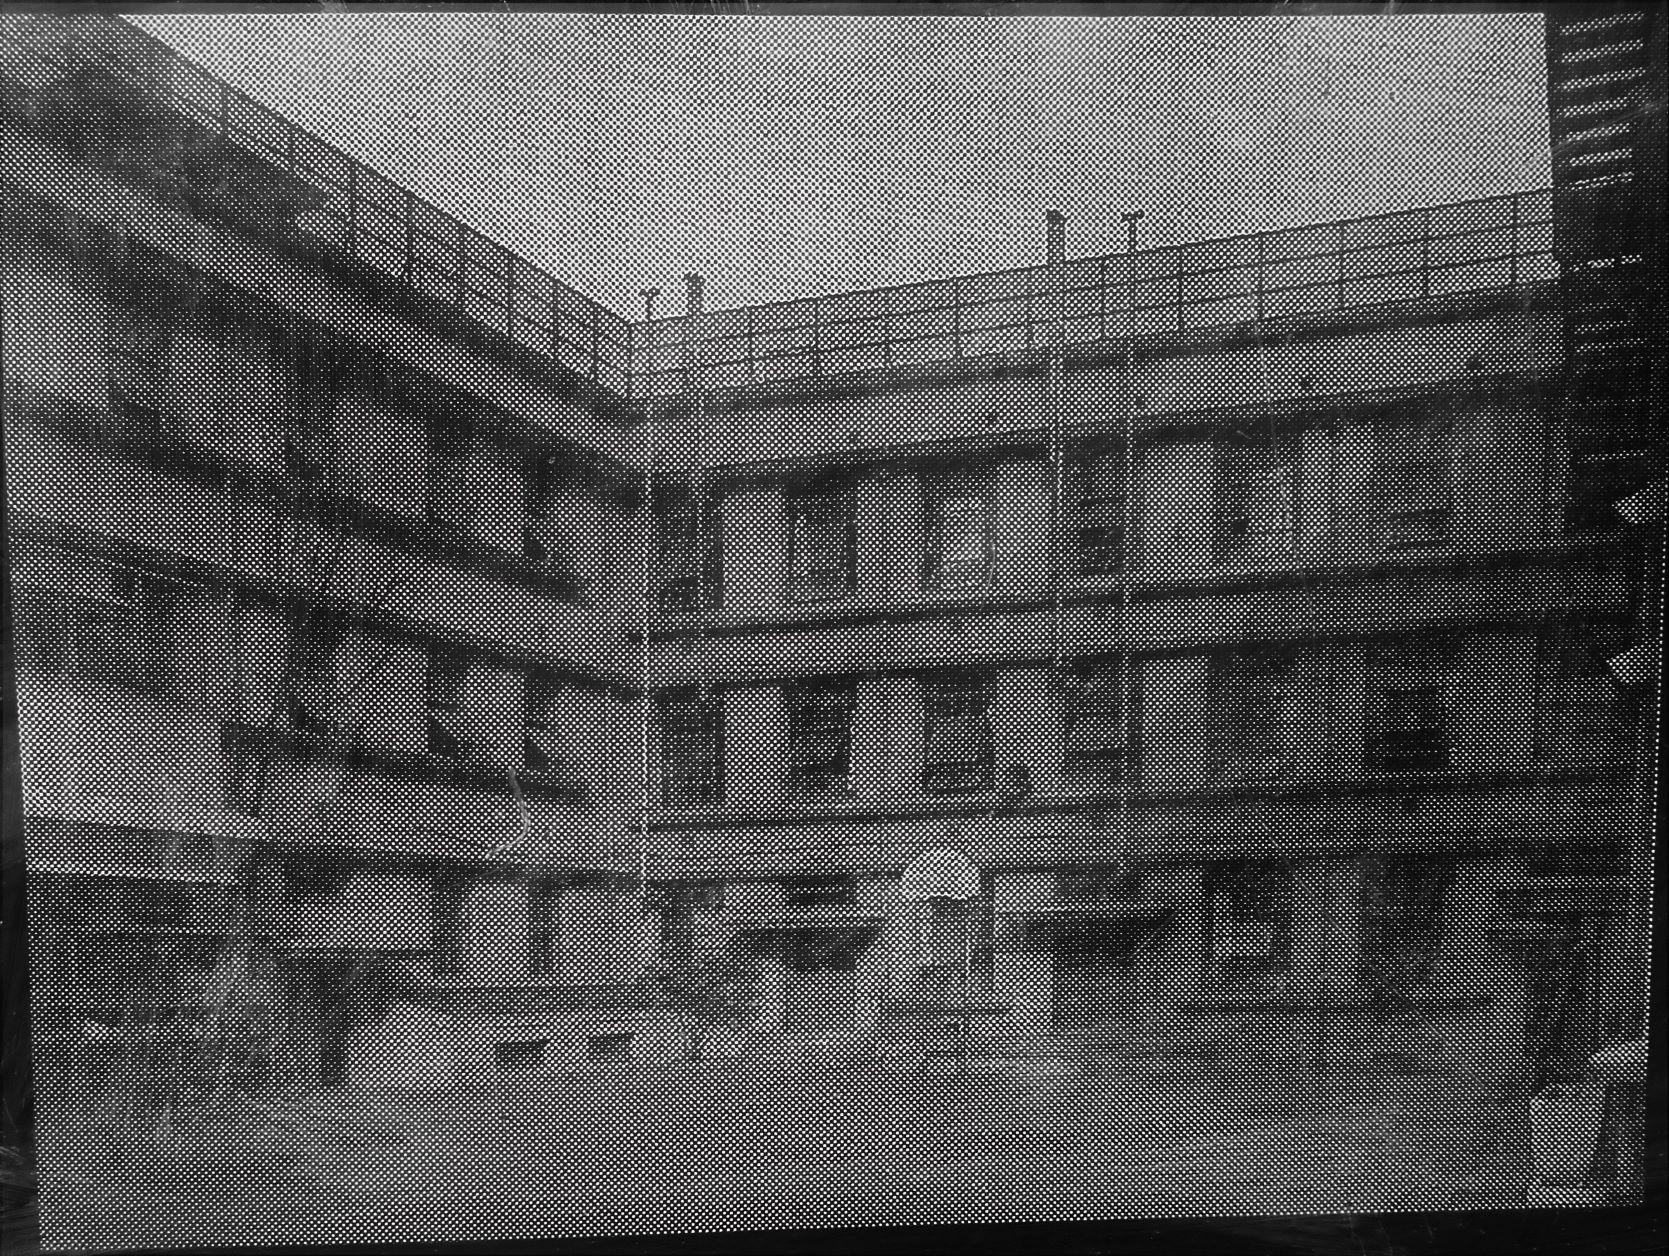 復興校舎(台東区設置案内板より)の画像。